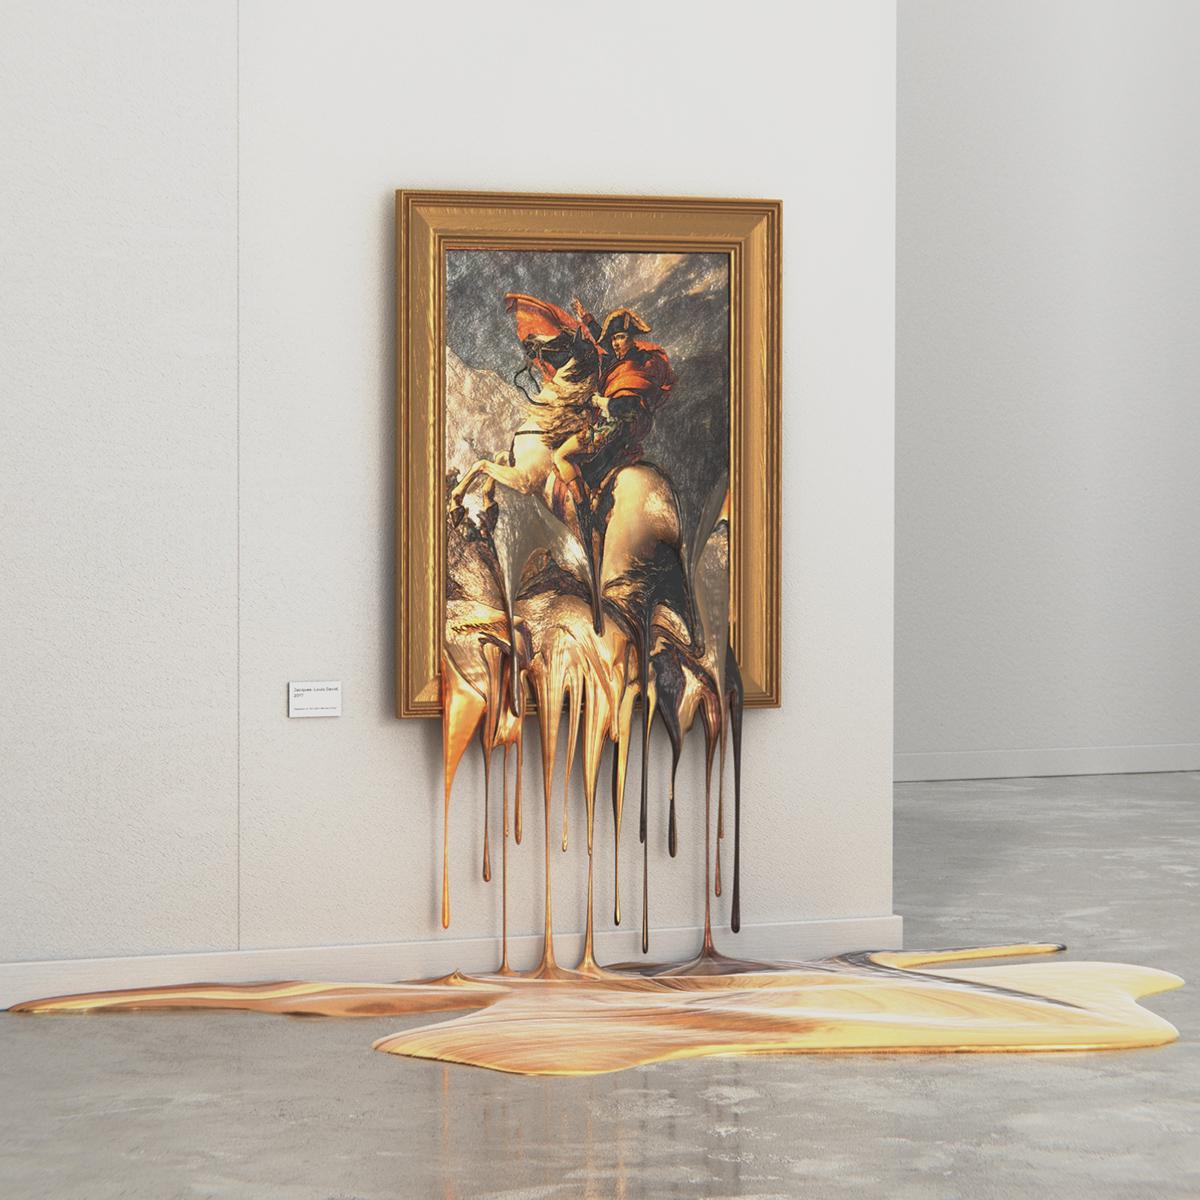 Hot Art Exhibition, gli effetti dell'estate sulle opere arte | Collater.al 7